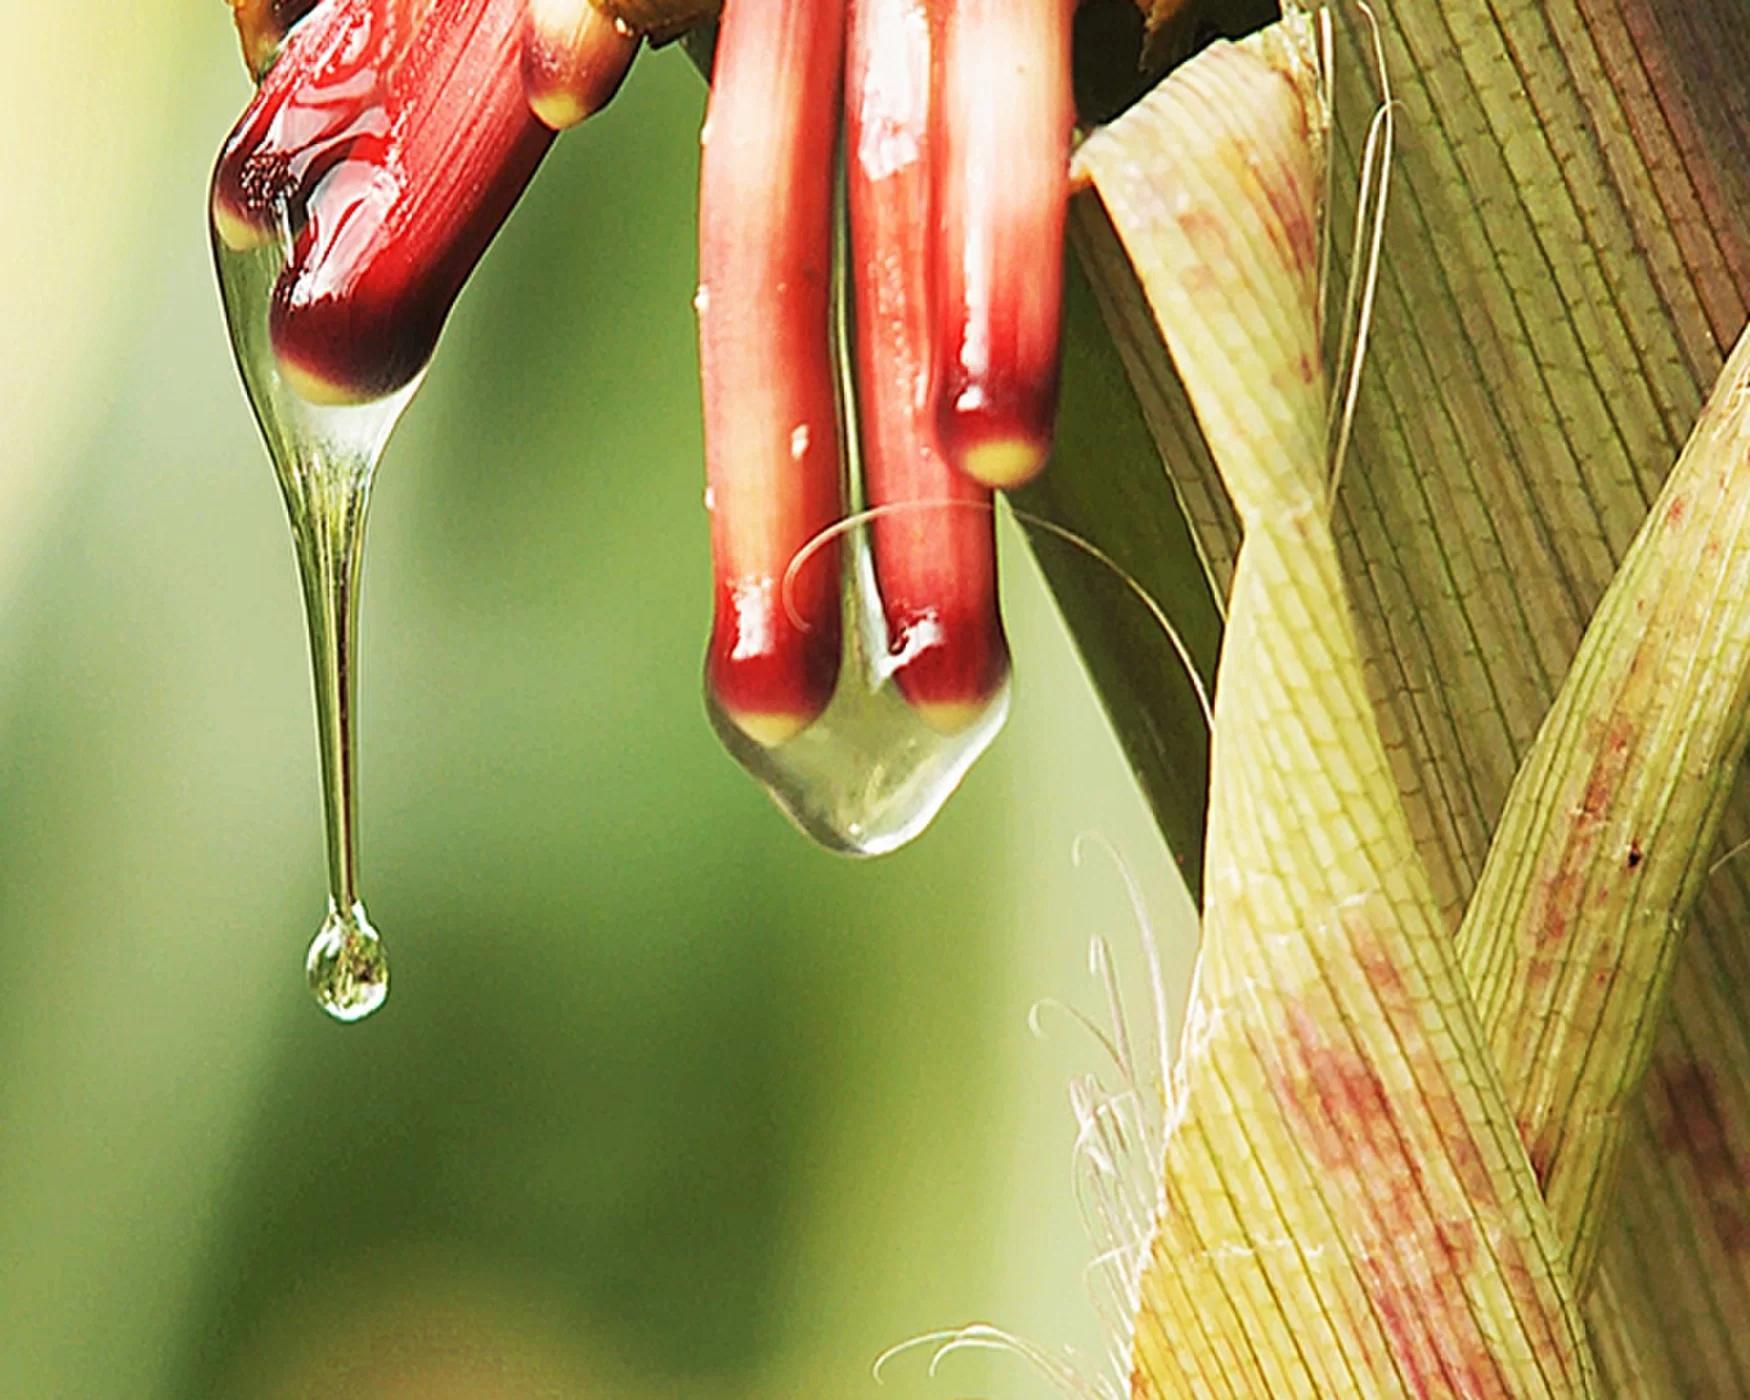 化肥导致氮污染?这种玉米能从空气中自给自足